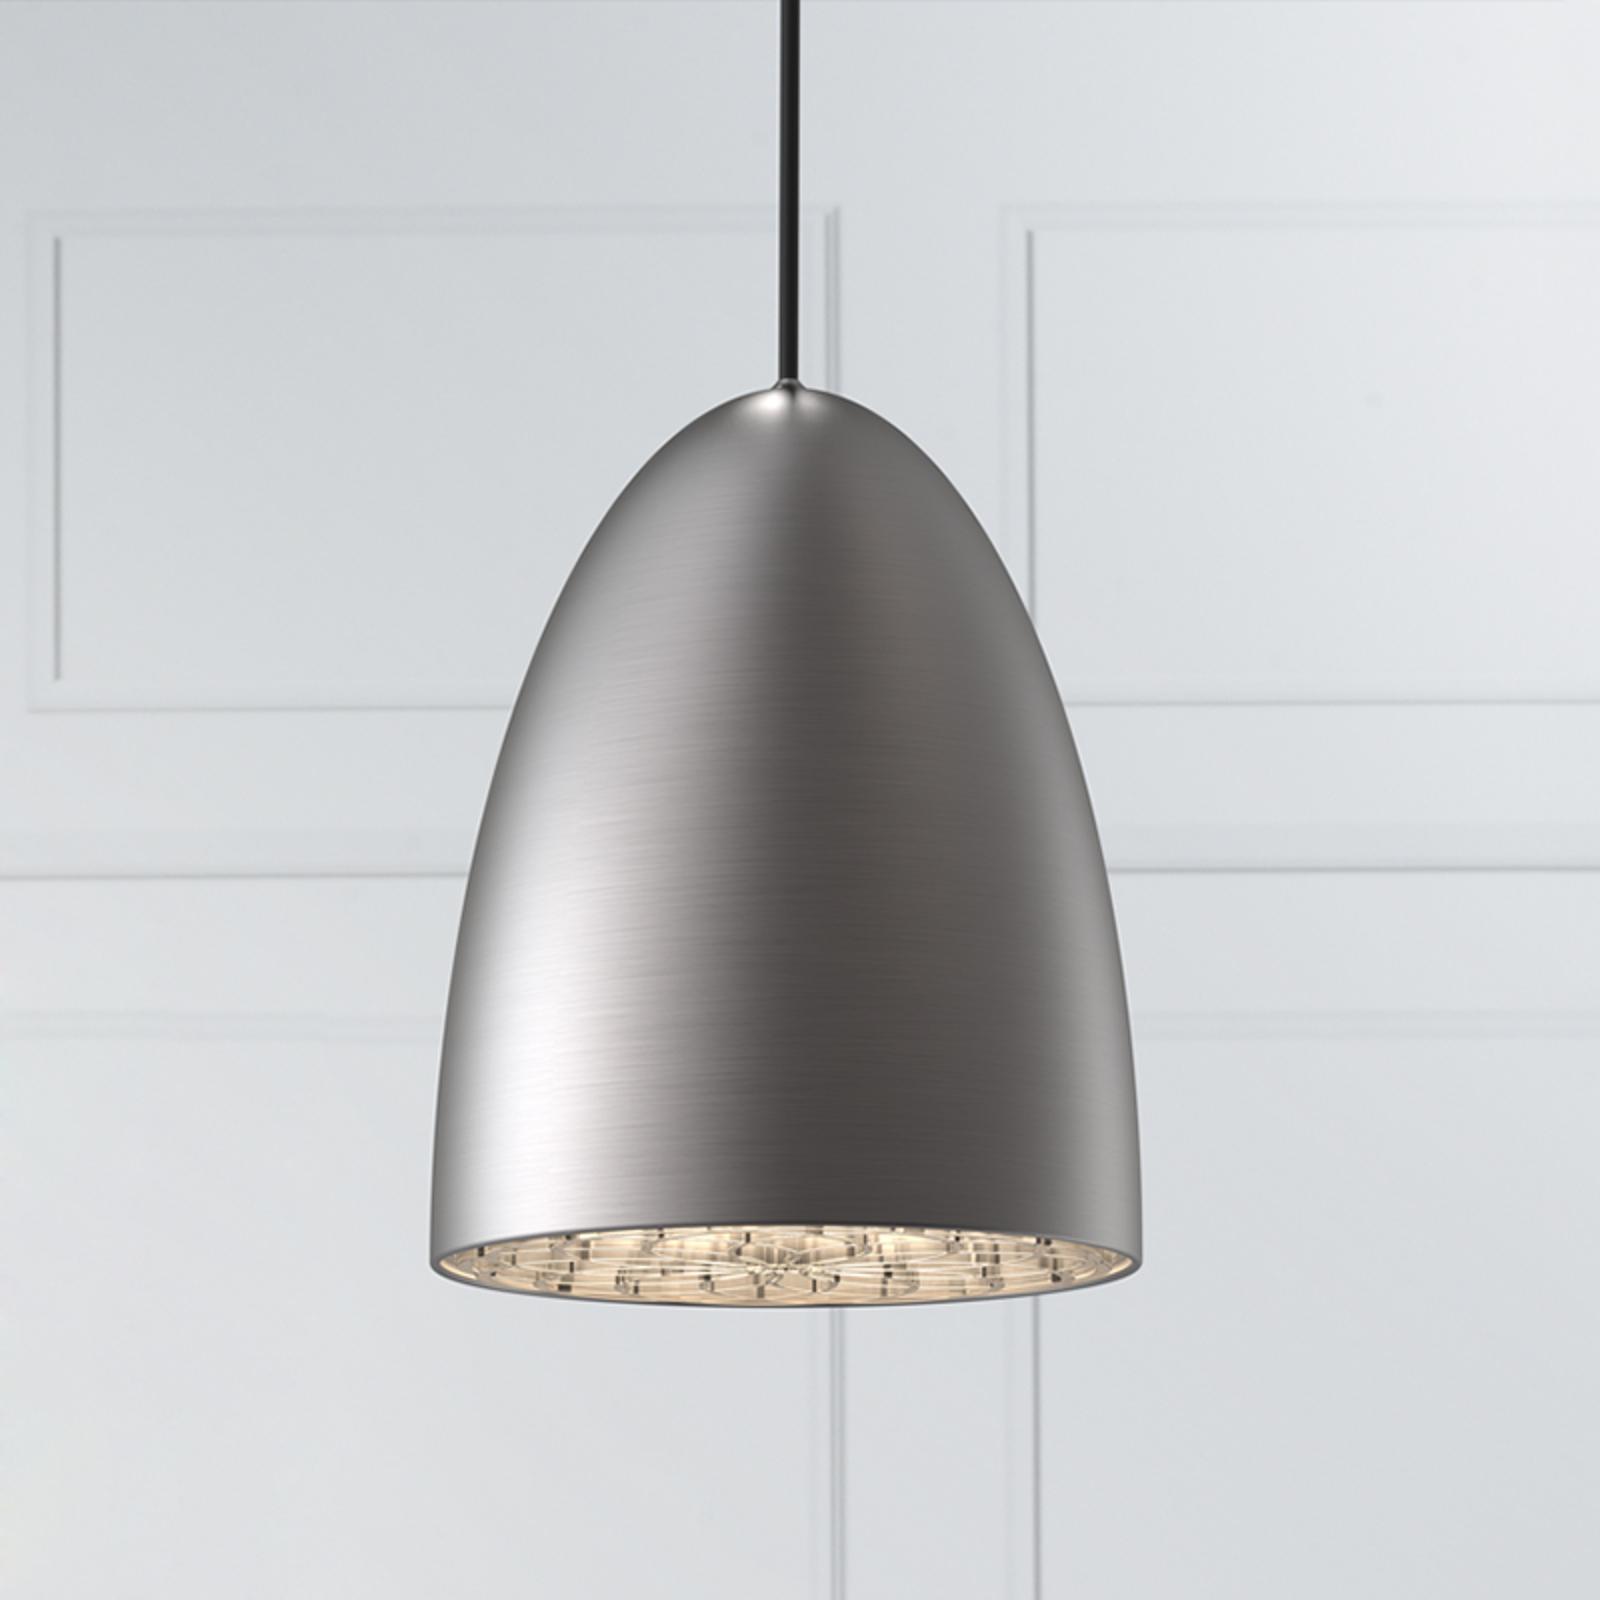 Ovale hanglamp Nexus